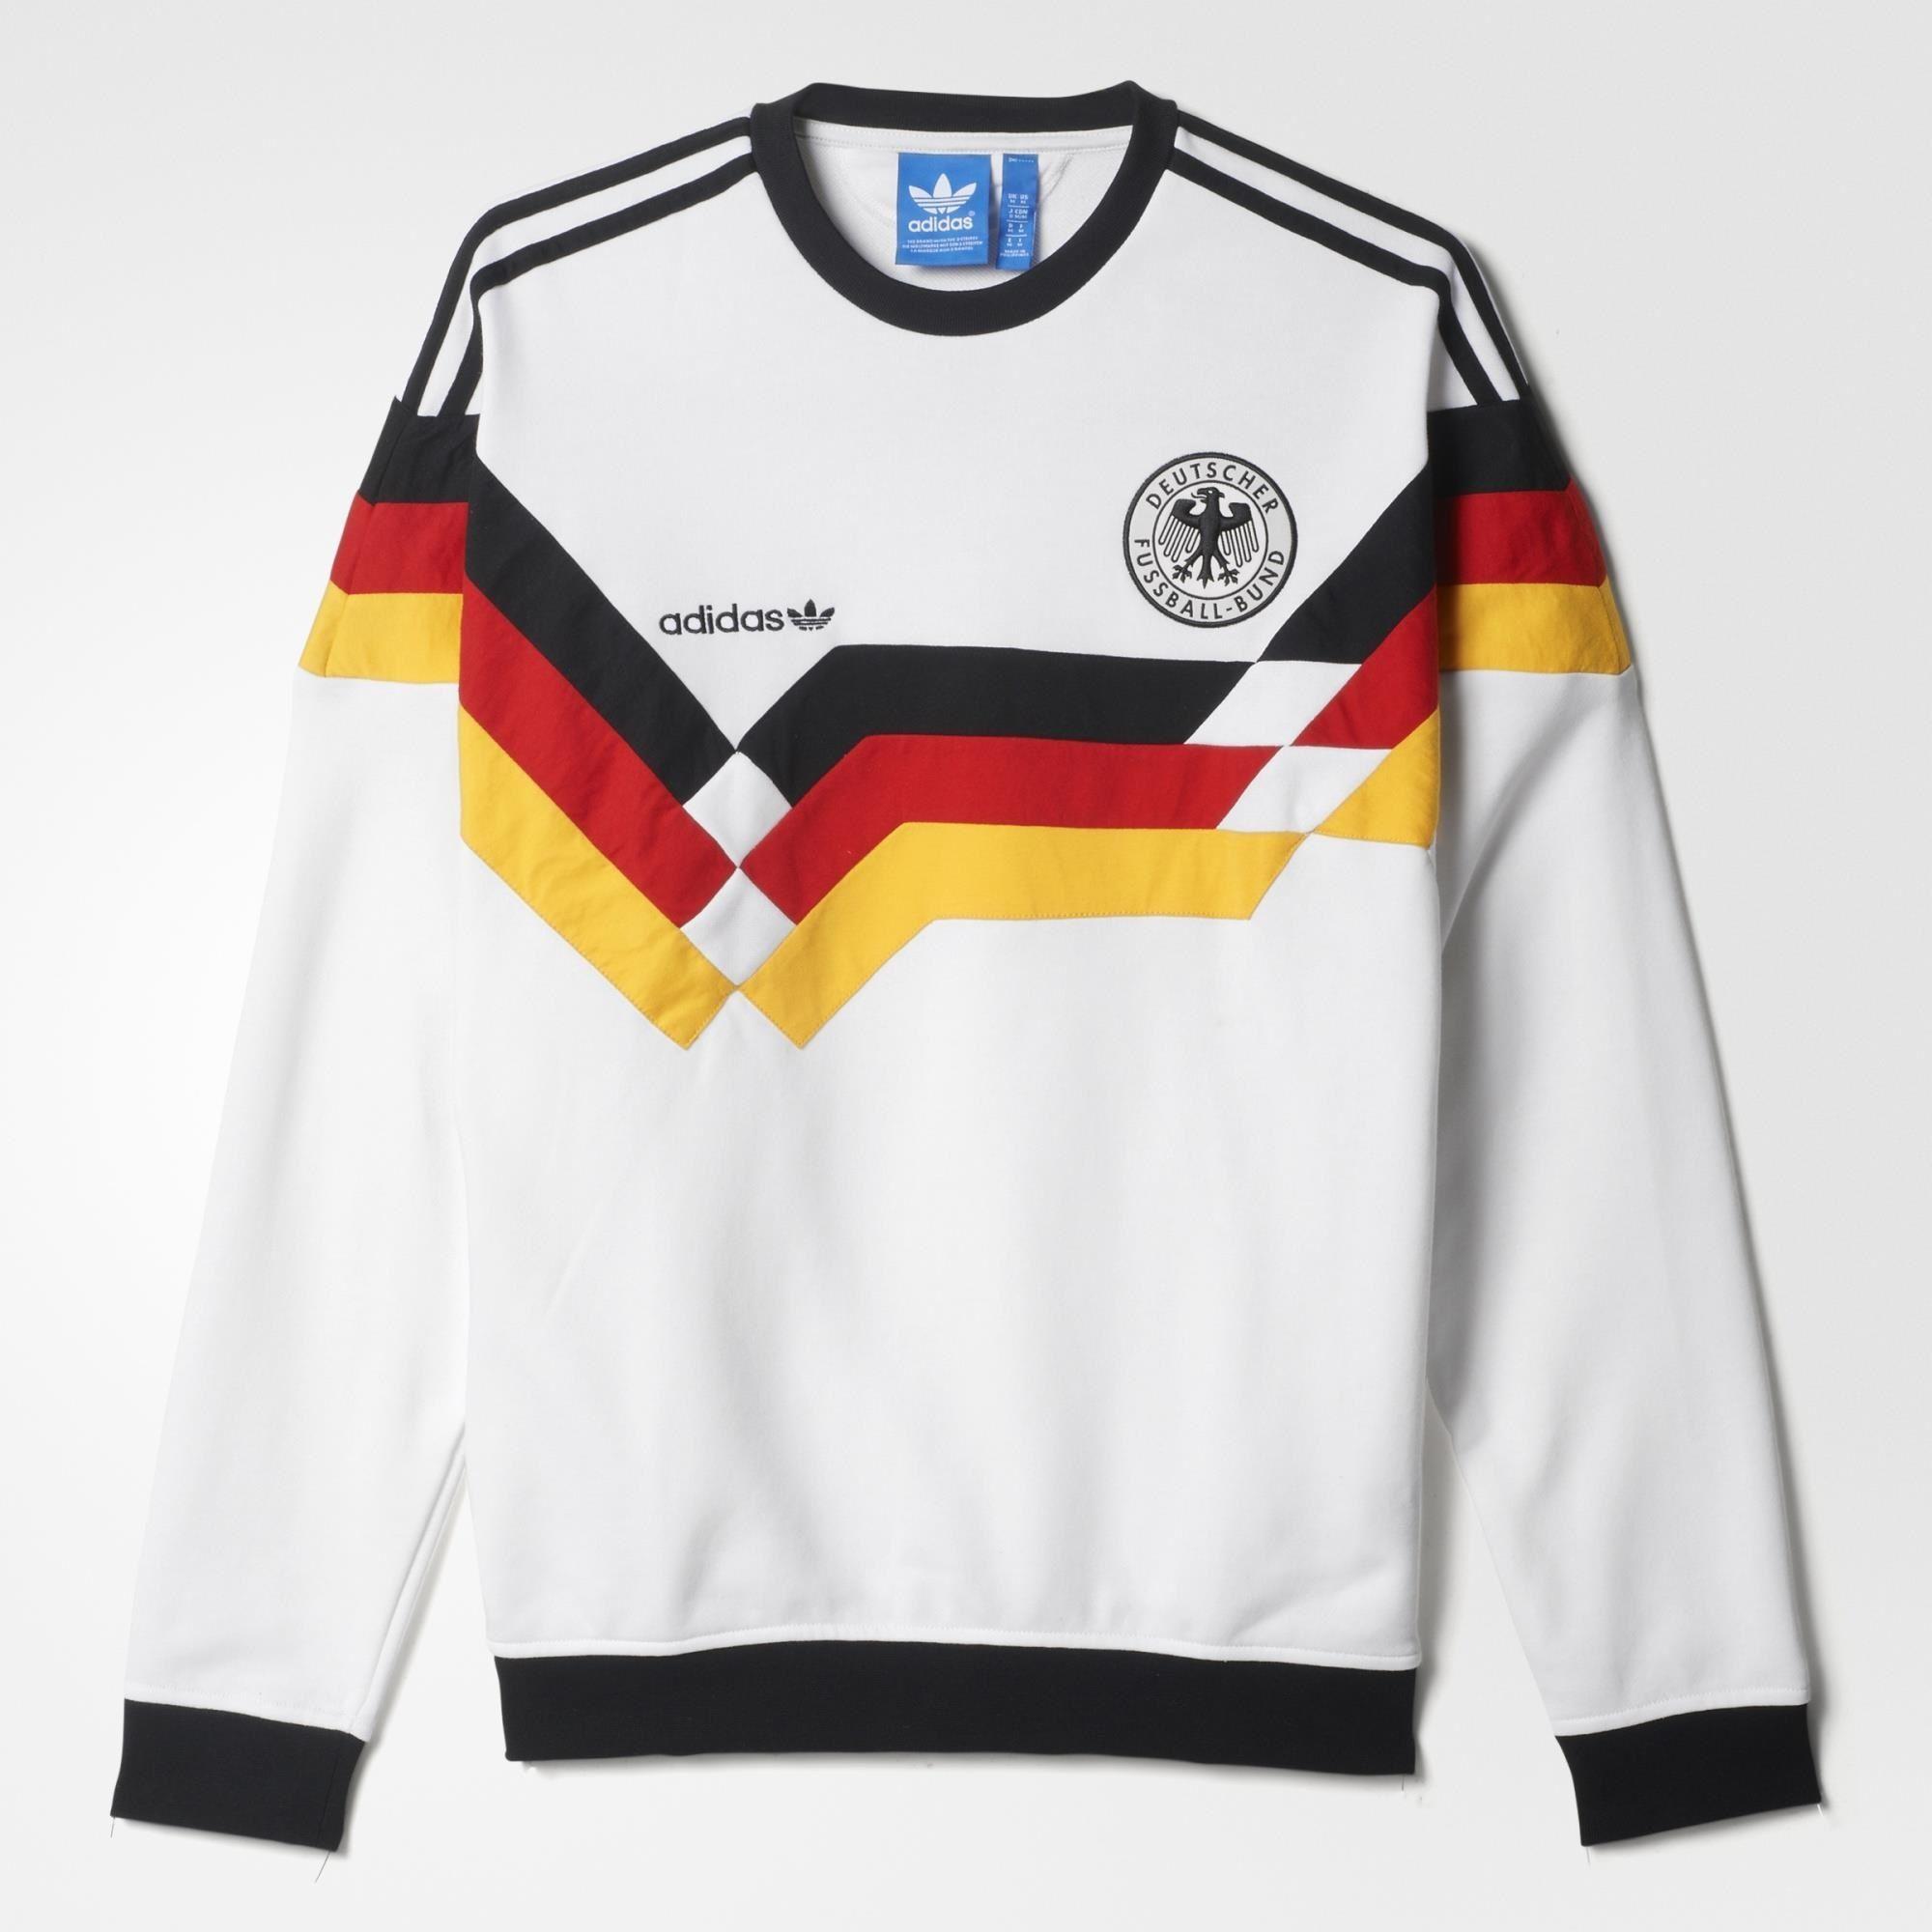 A coleção da adidas Originals para Franz Beckenbauer - Futebol Marketing.  Adidas OgAdidas ShoesAdidas VintageCrew SweatshirtsMens ...